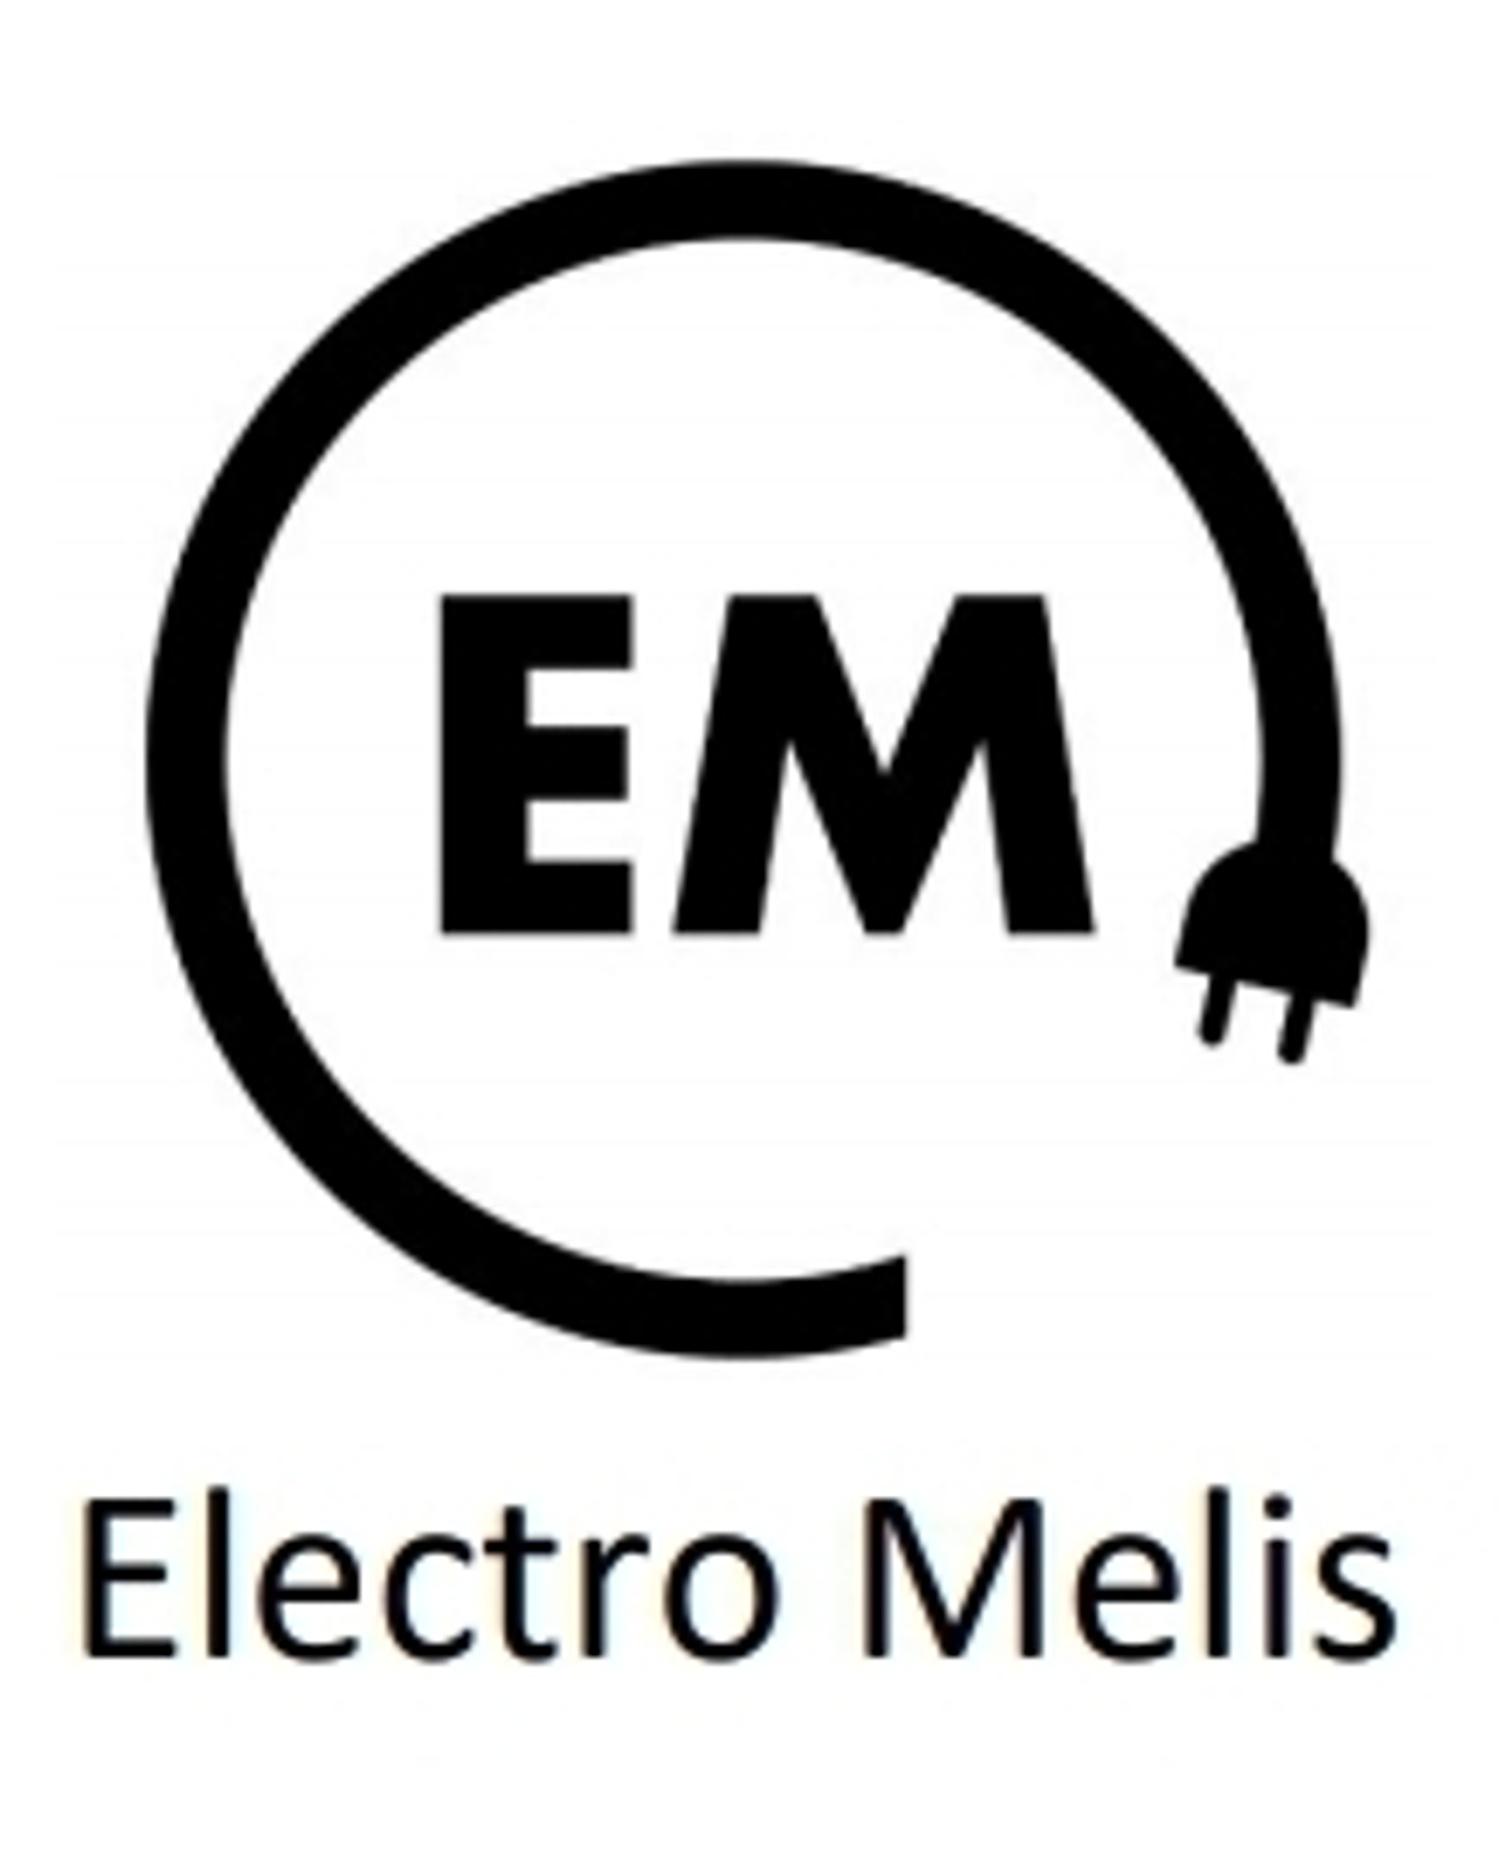 Electro Melis logo